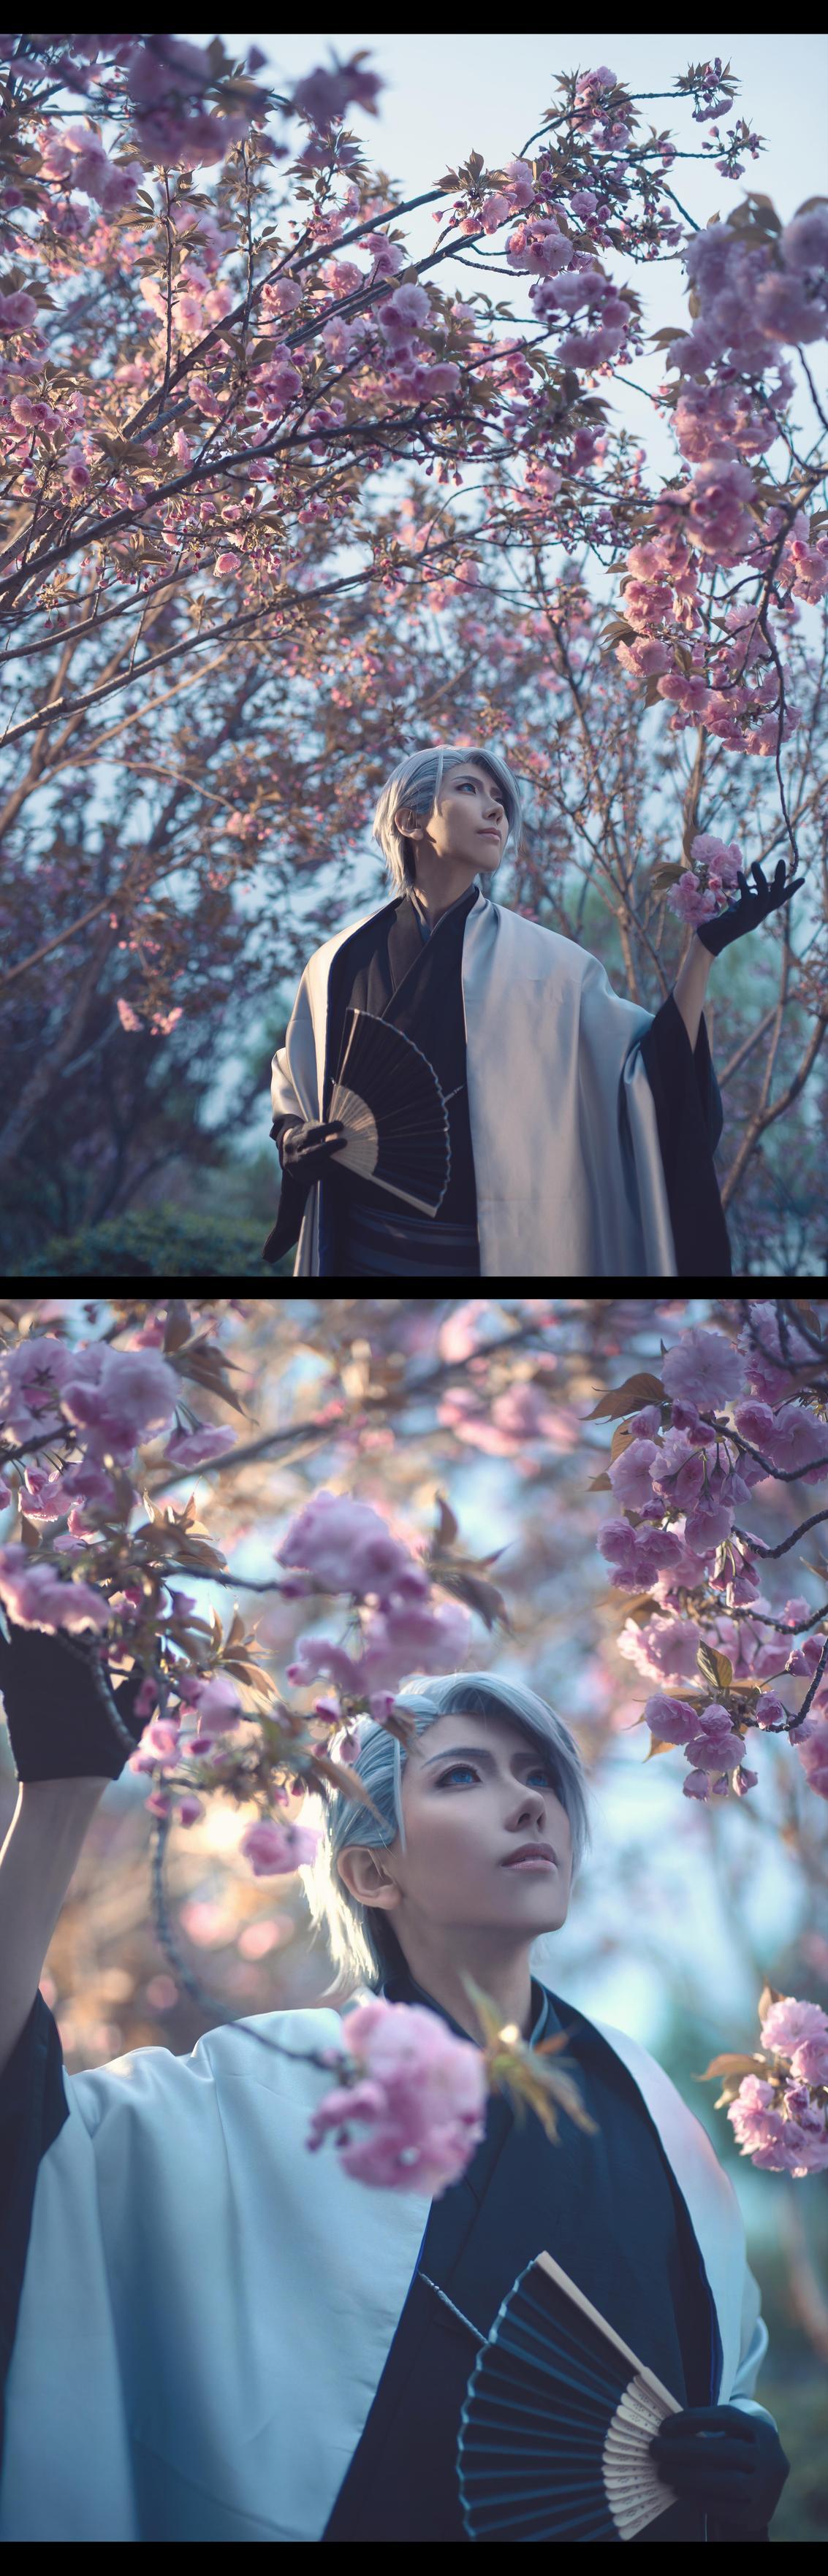 《刀剑乱舞》正片cosplay【CN:coser张国风】-第5张